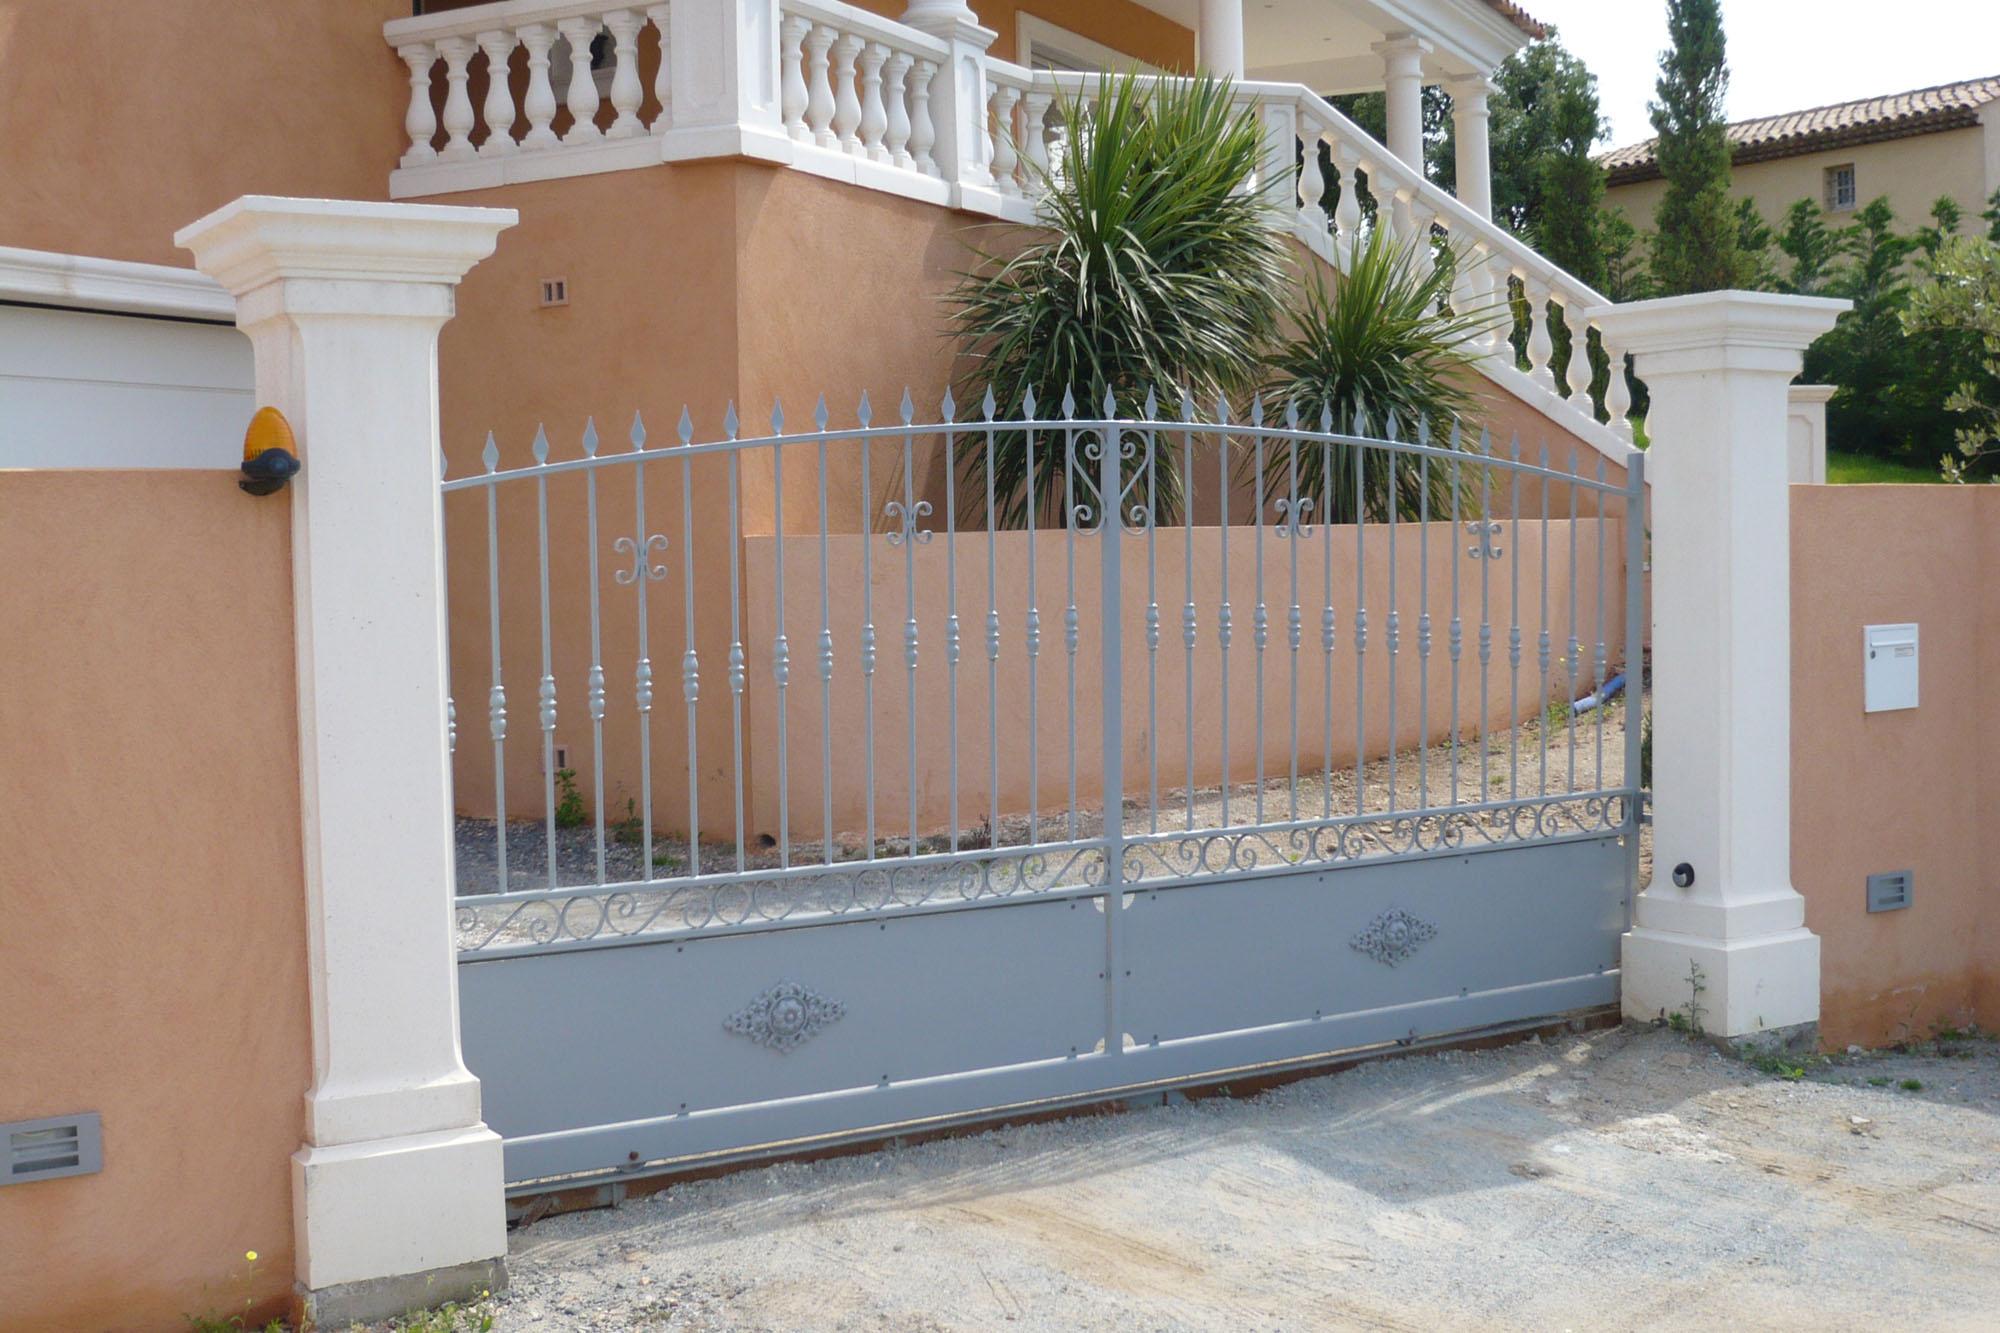 Habiller Un Pilier En Beton pilier de portail ramatuelle blanc aix-en-provence